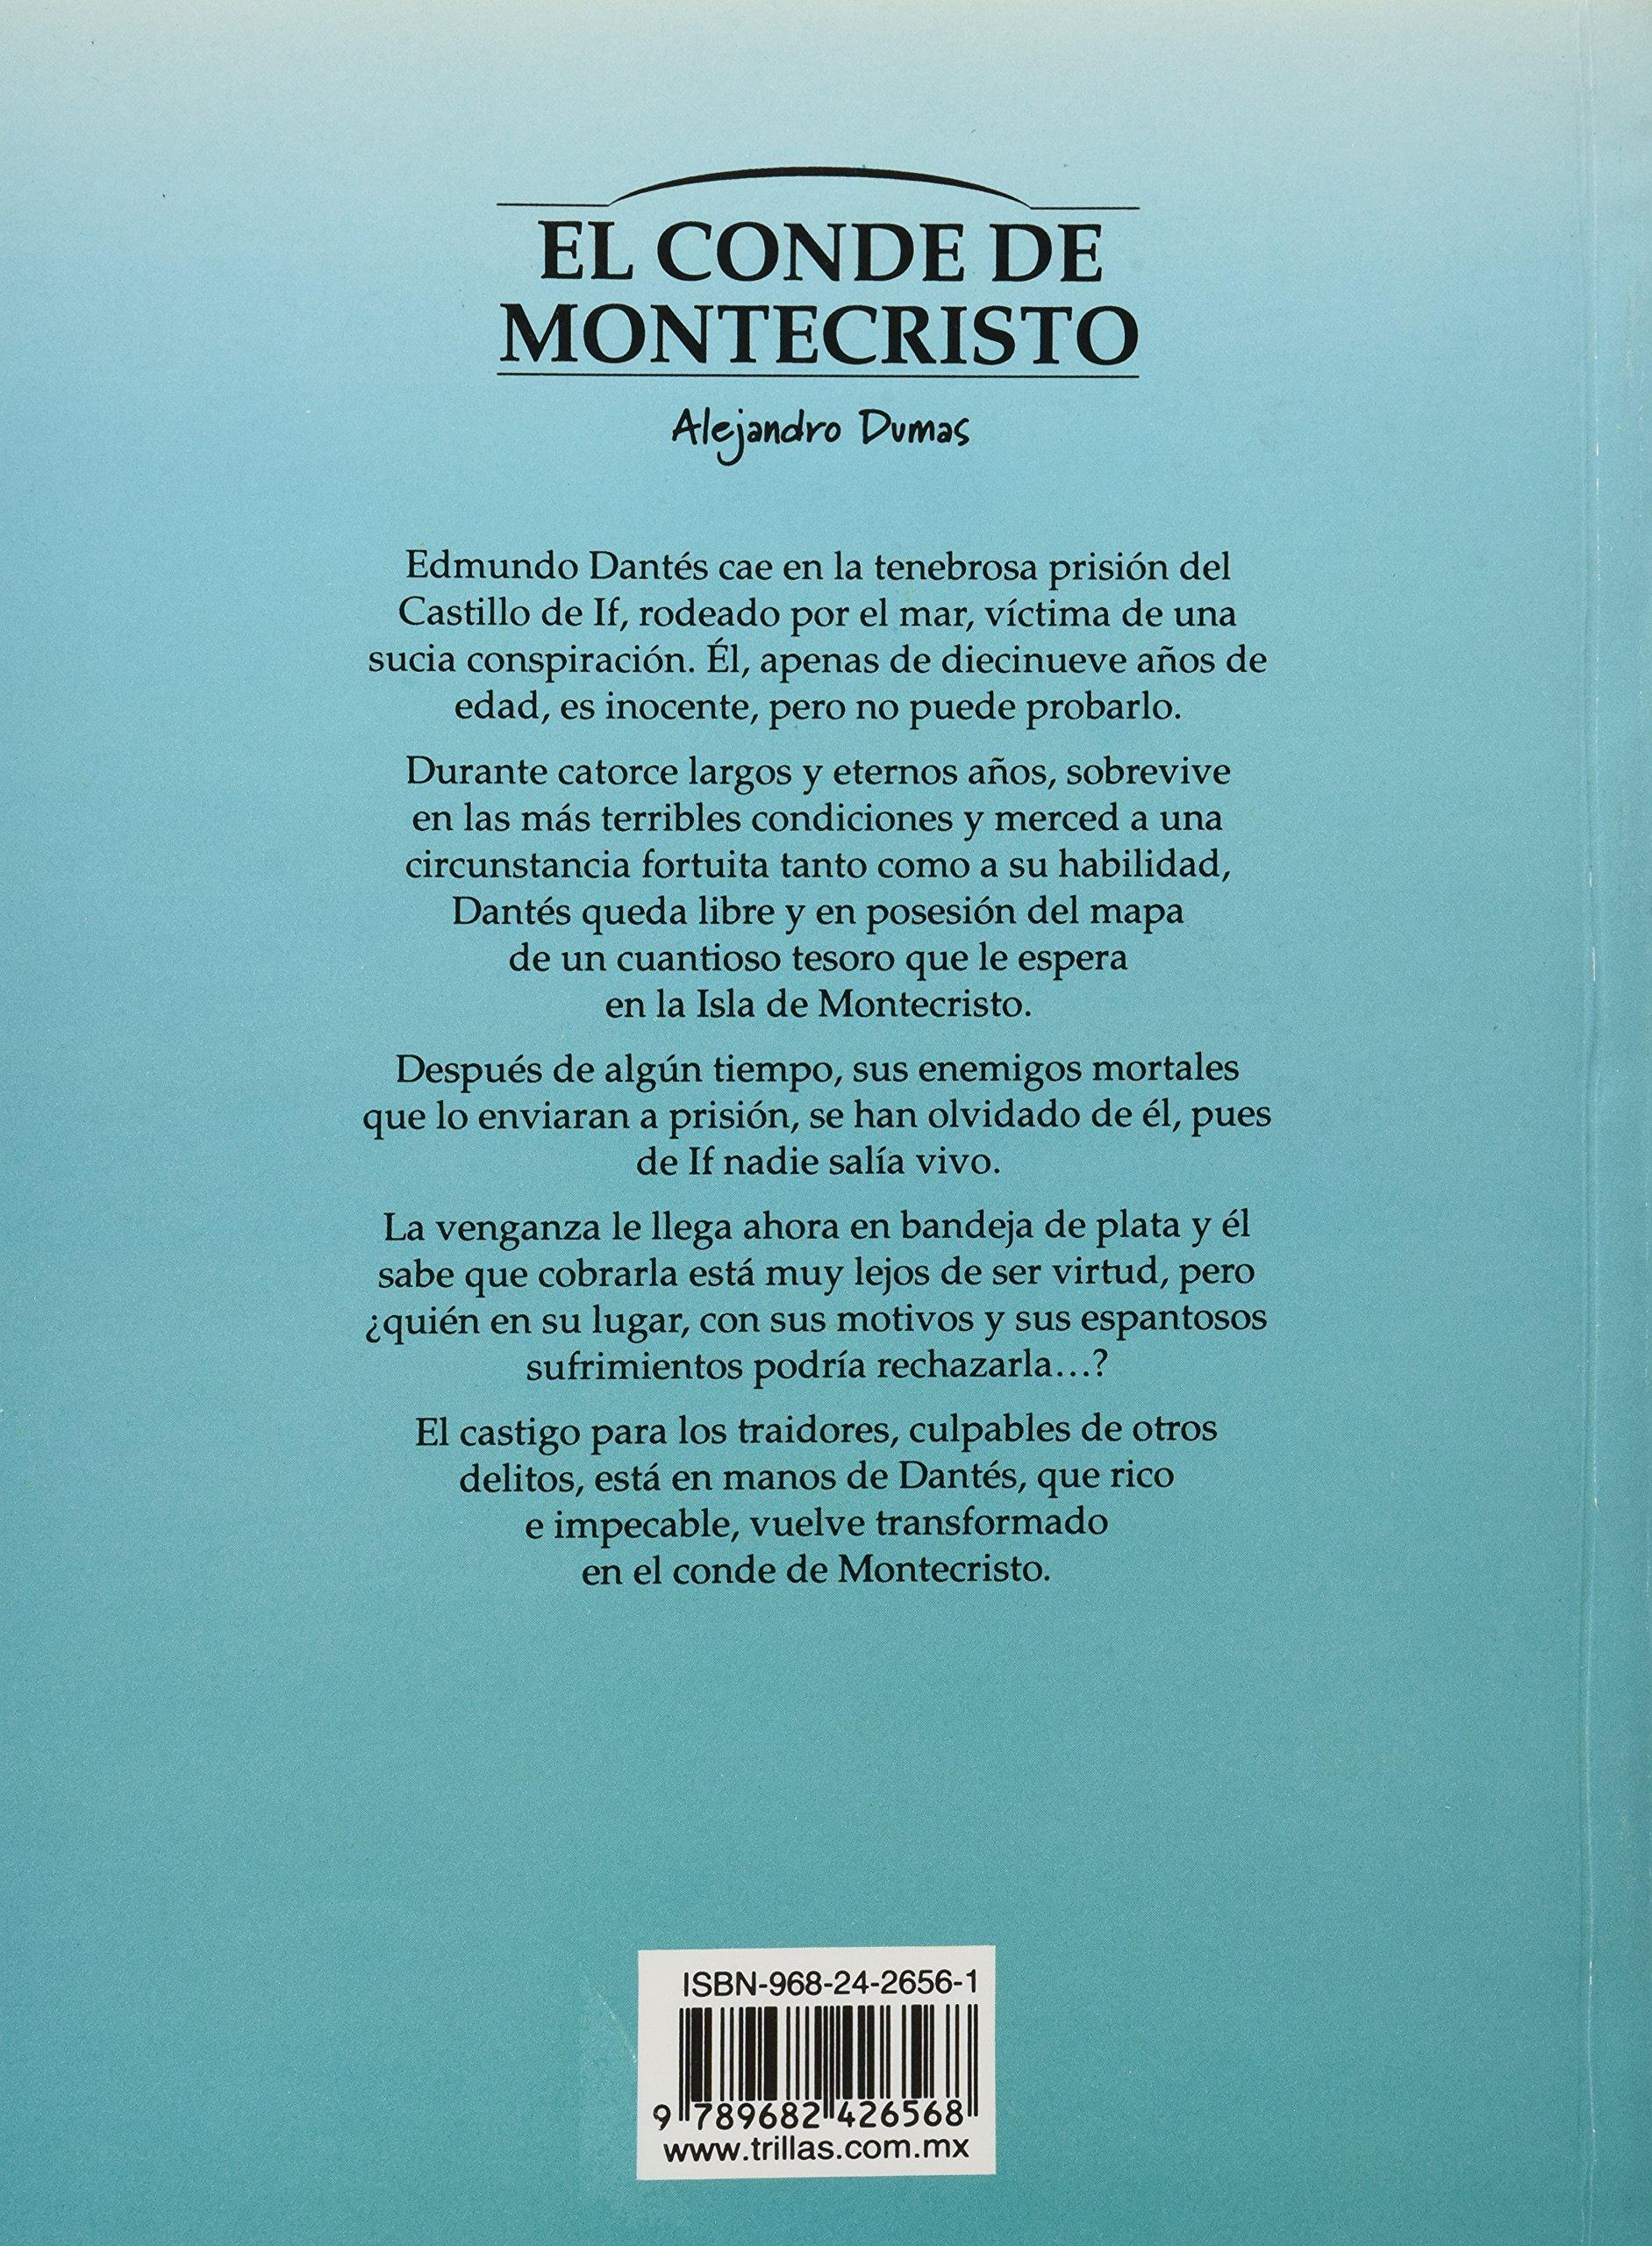 El conde de montecristo alejandro dumas editorial trillas amazon com mx libros